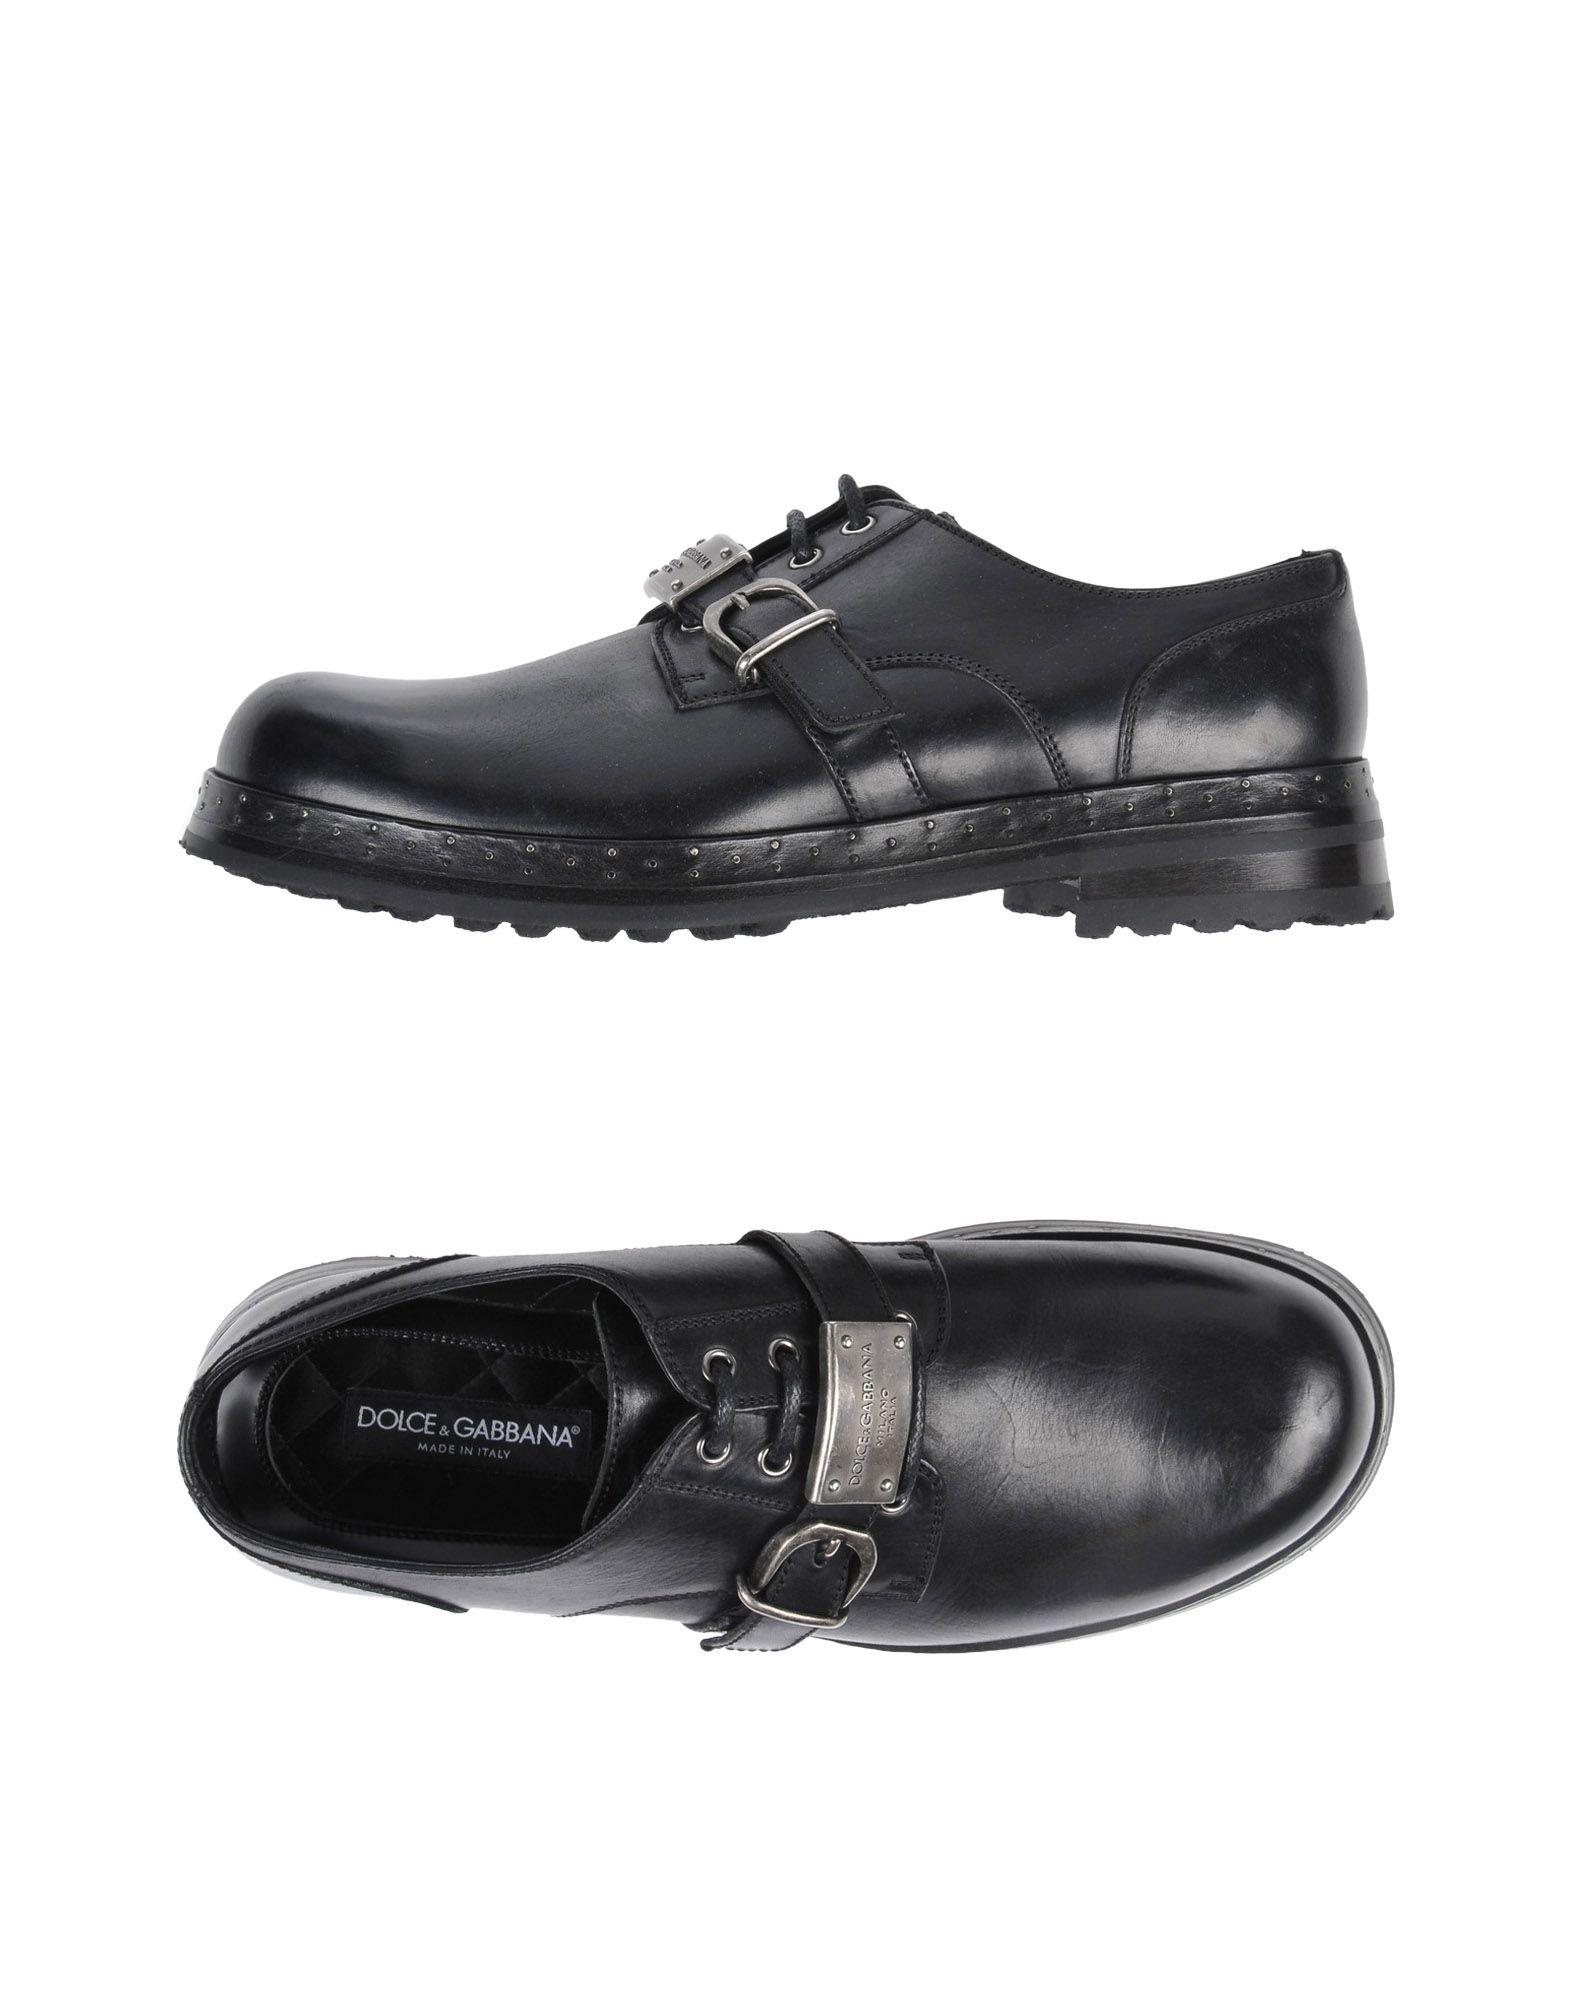 Dolce & Gabbana Schnürschuhe Herren  11494949HV Gute Qualität beliebte Schuhe